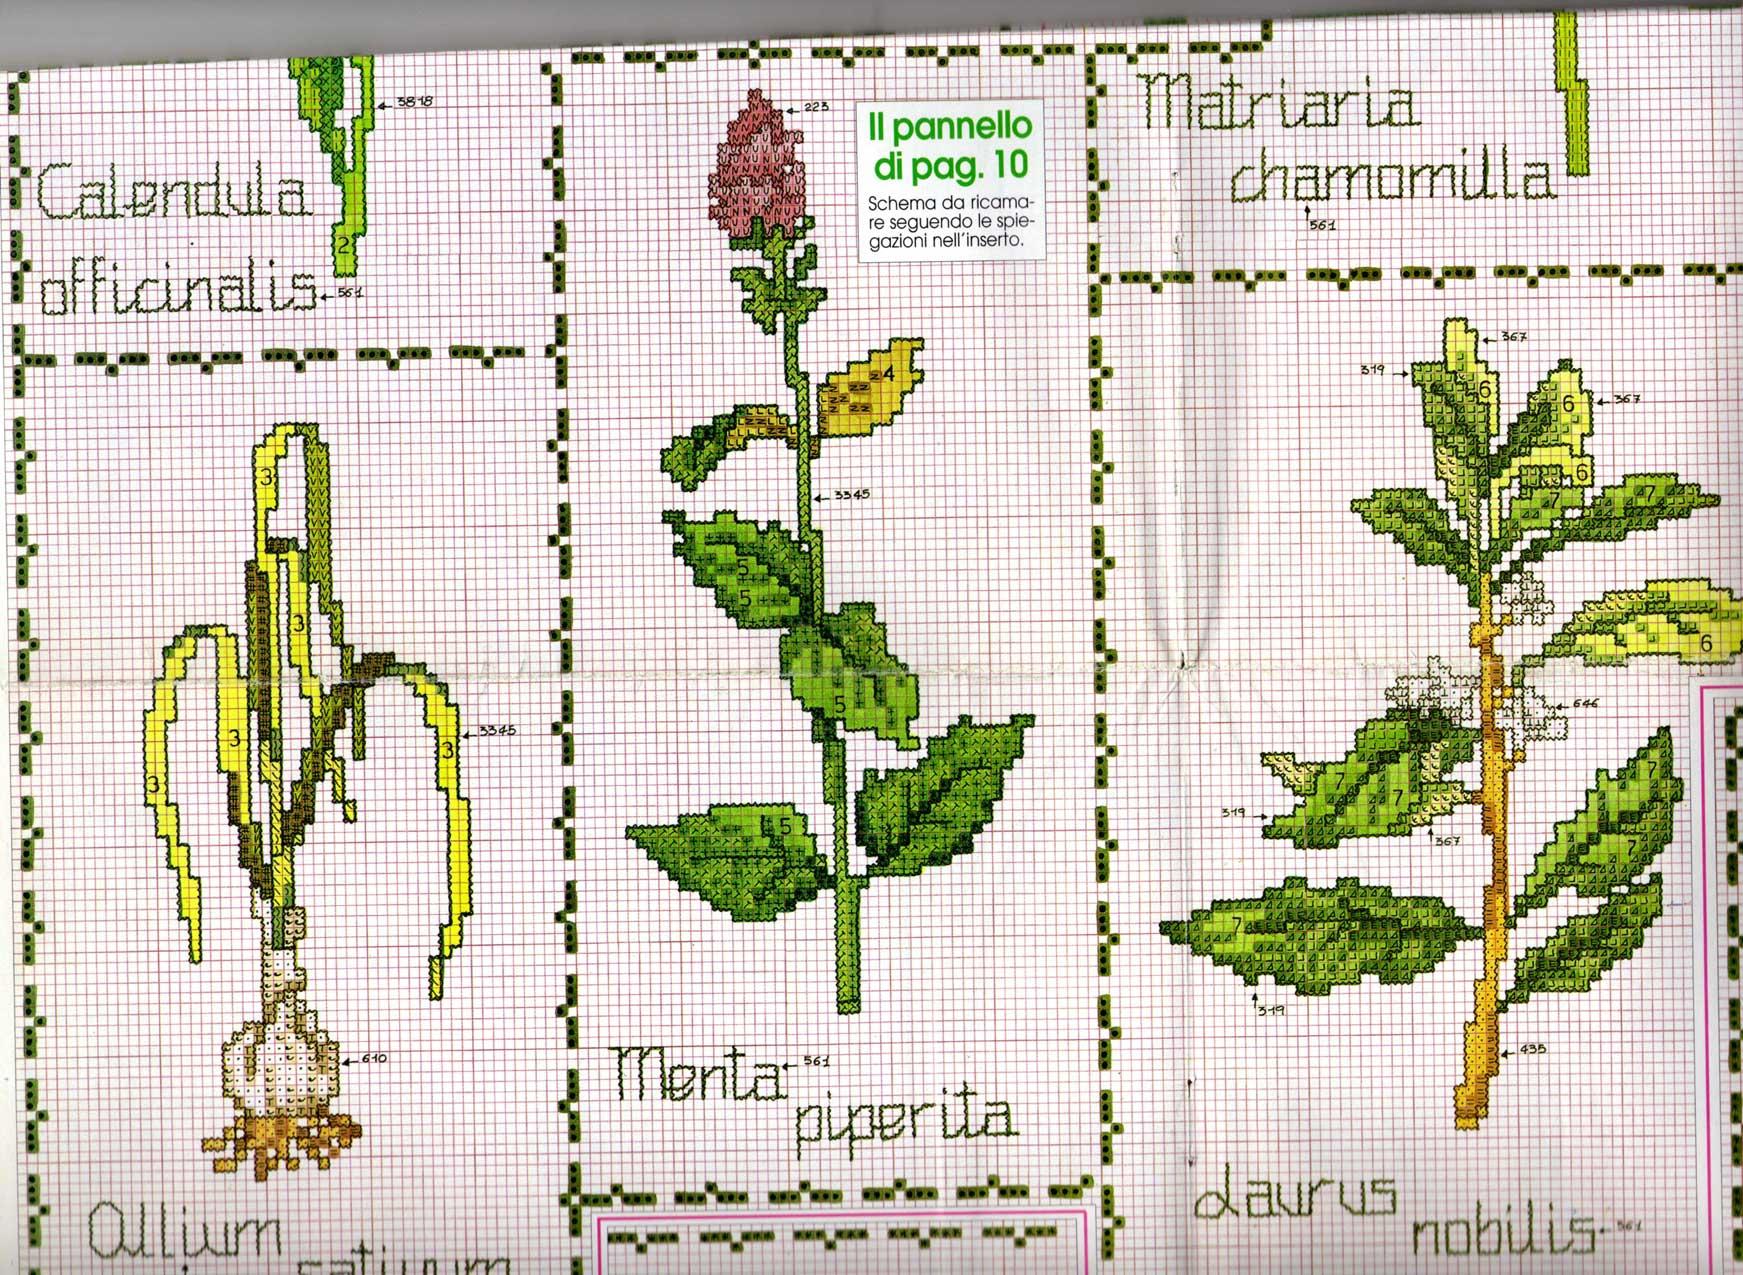 Piante Aromatiche Perenni Elenco : Elenco piante aromatiche blackhairstylecuts